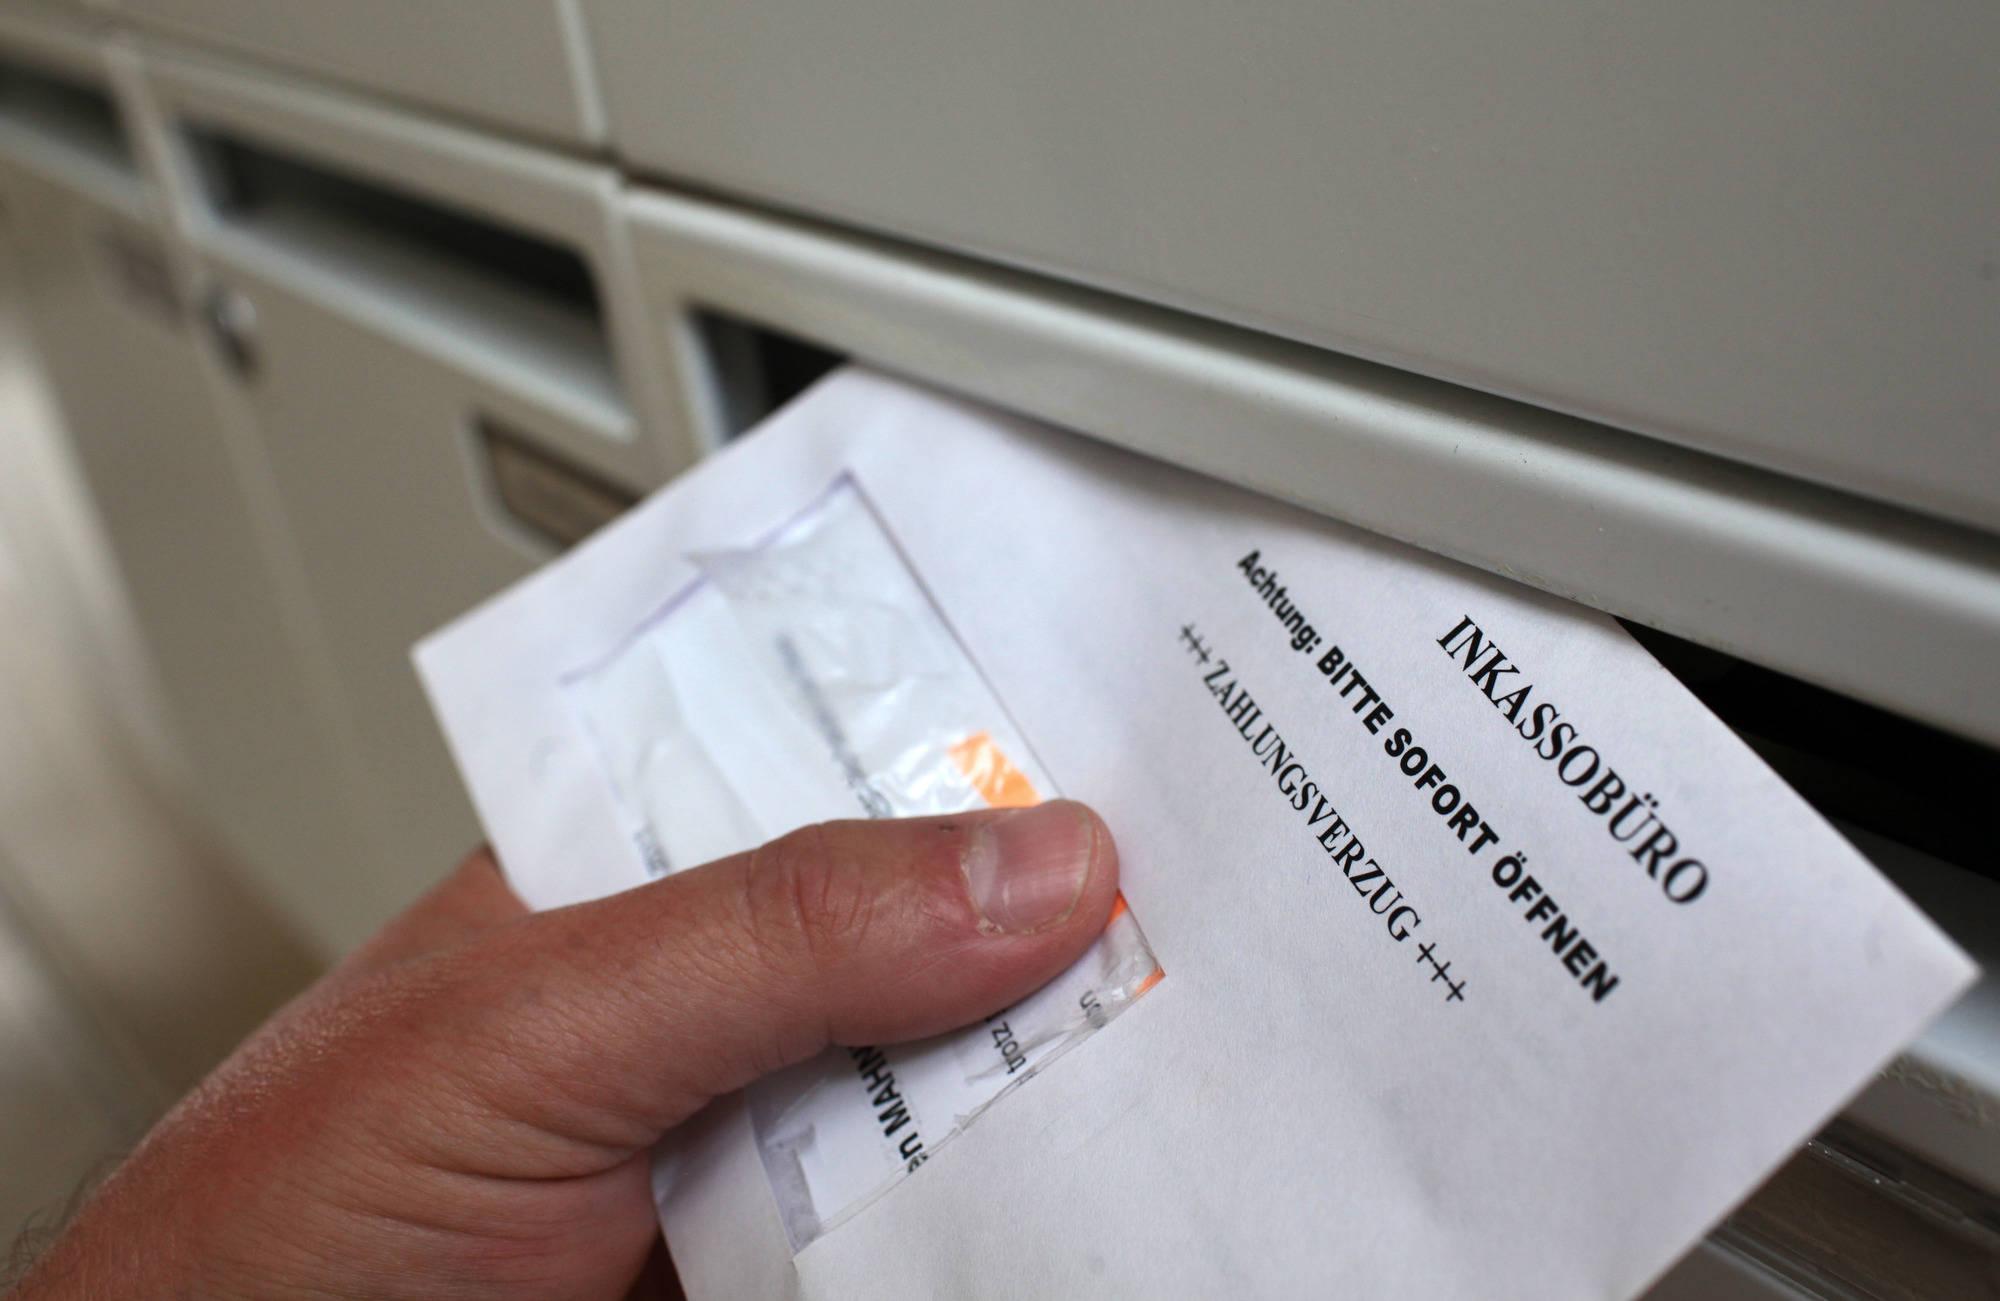 Post Vom Inkassobüro Abzocke Oder Berechtigte Forderung Finanzen